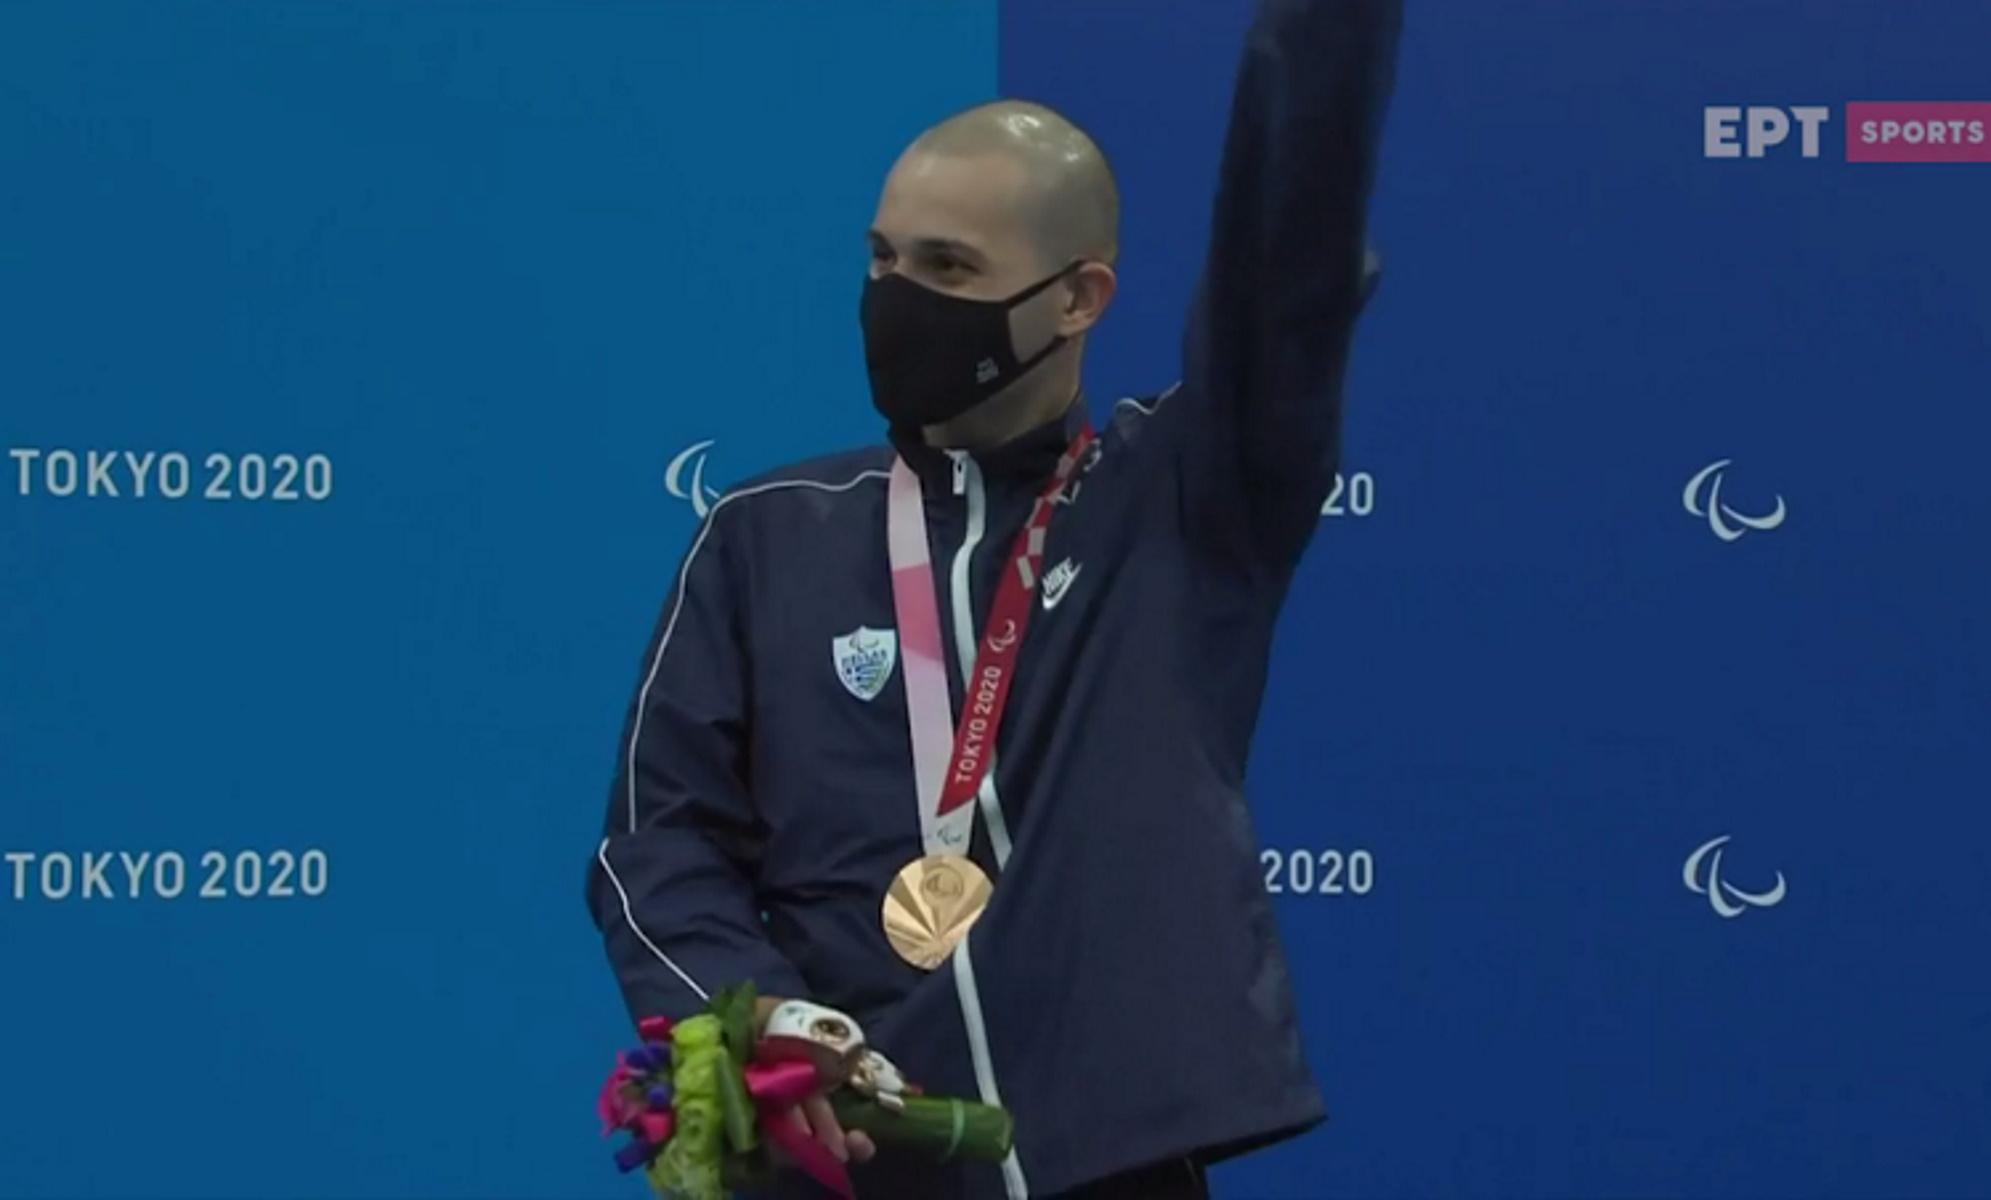 Παραολυμπιακοί Αγώνες: Η αφιέρωση του Μιχαλεντζάκη μετά την κατάκτηση του χάλκινου μεταλλίου